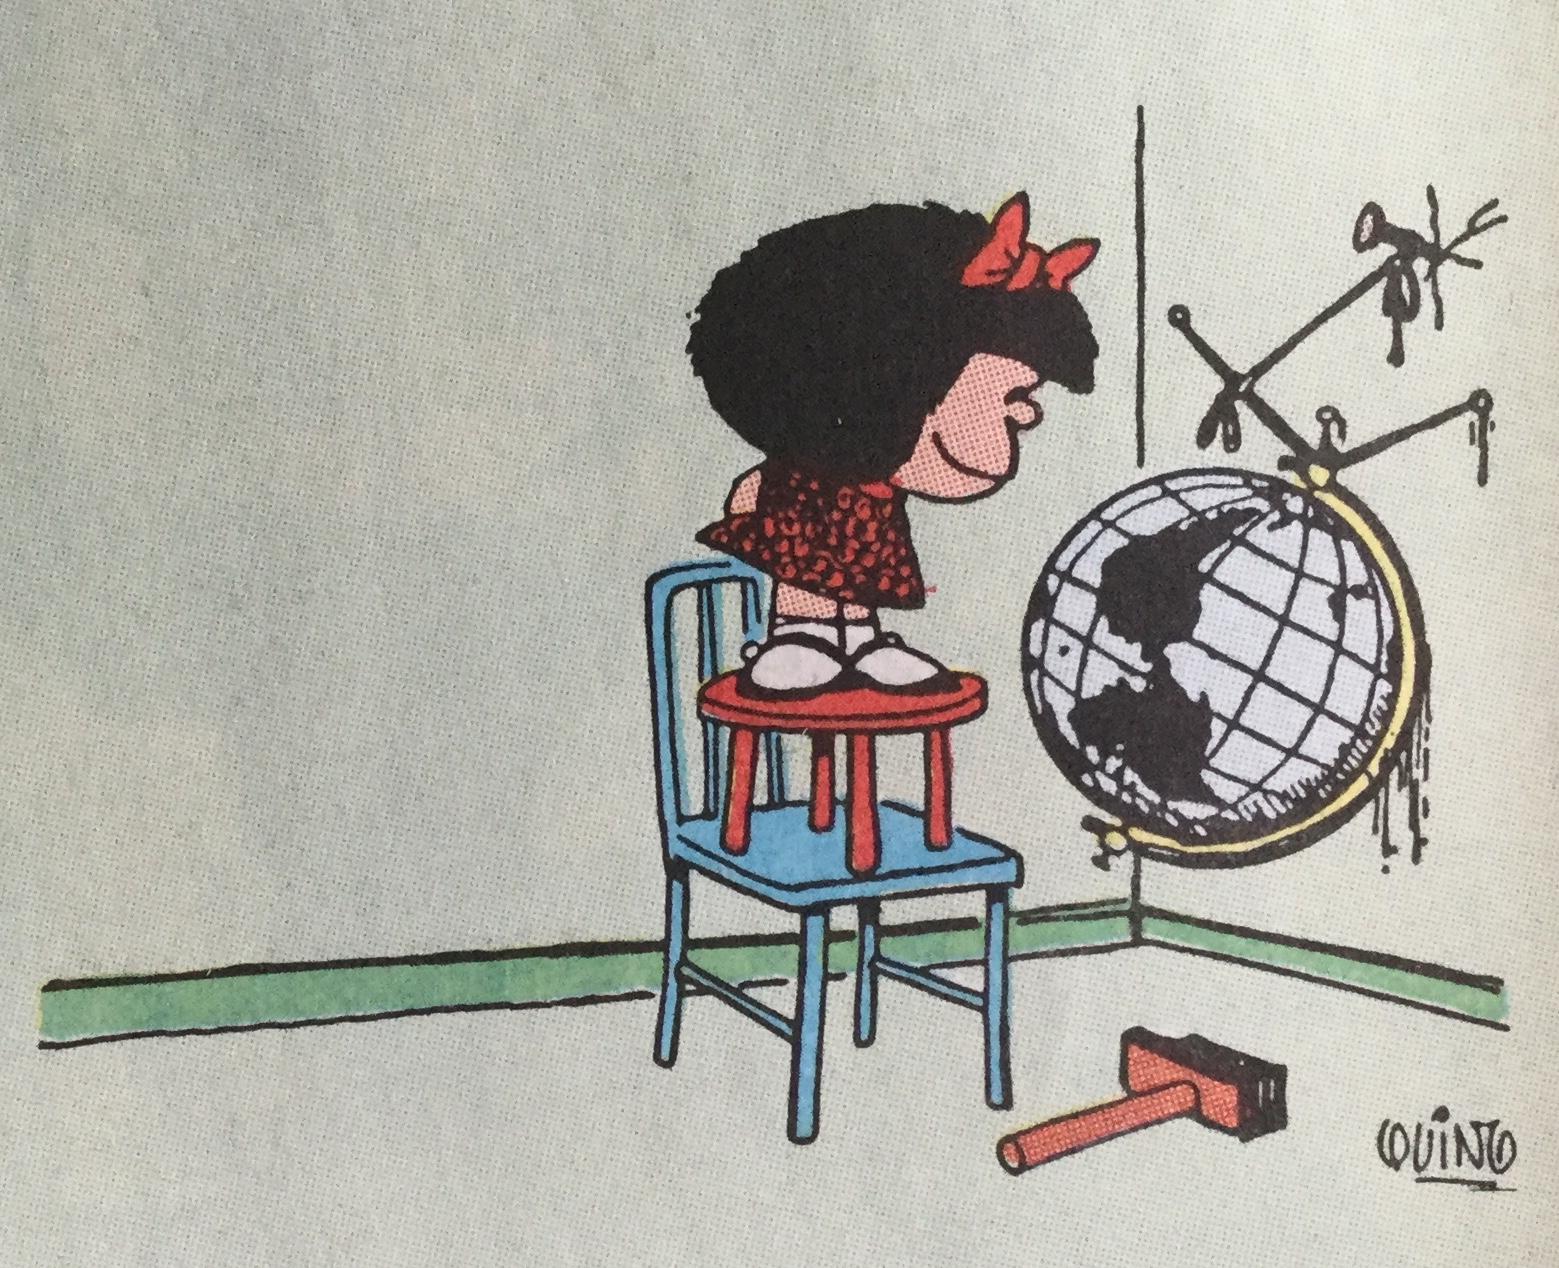 Mafalda är en serie om en flicka med världssamvete